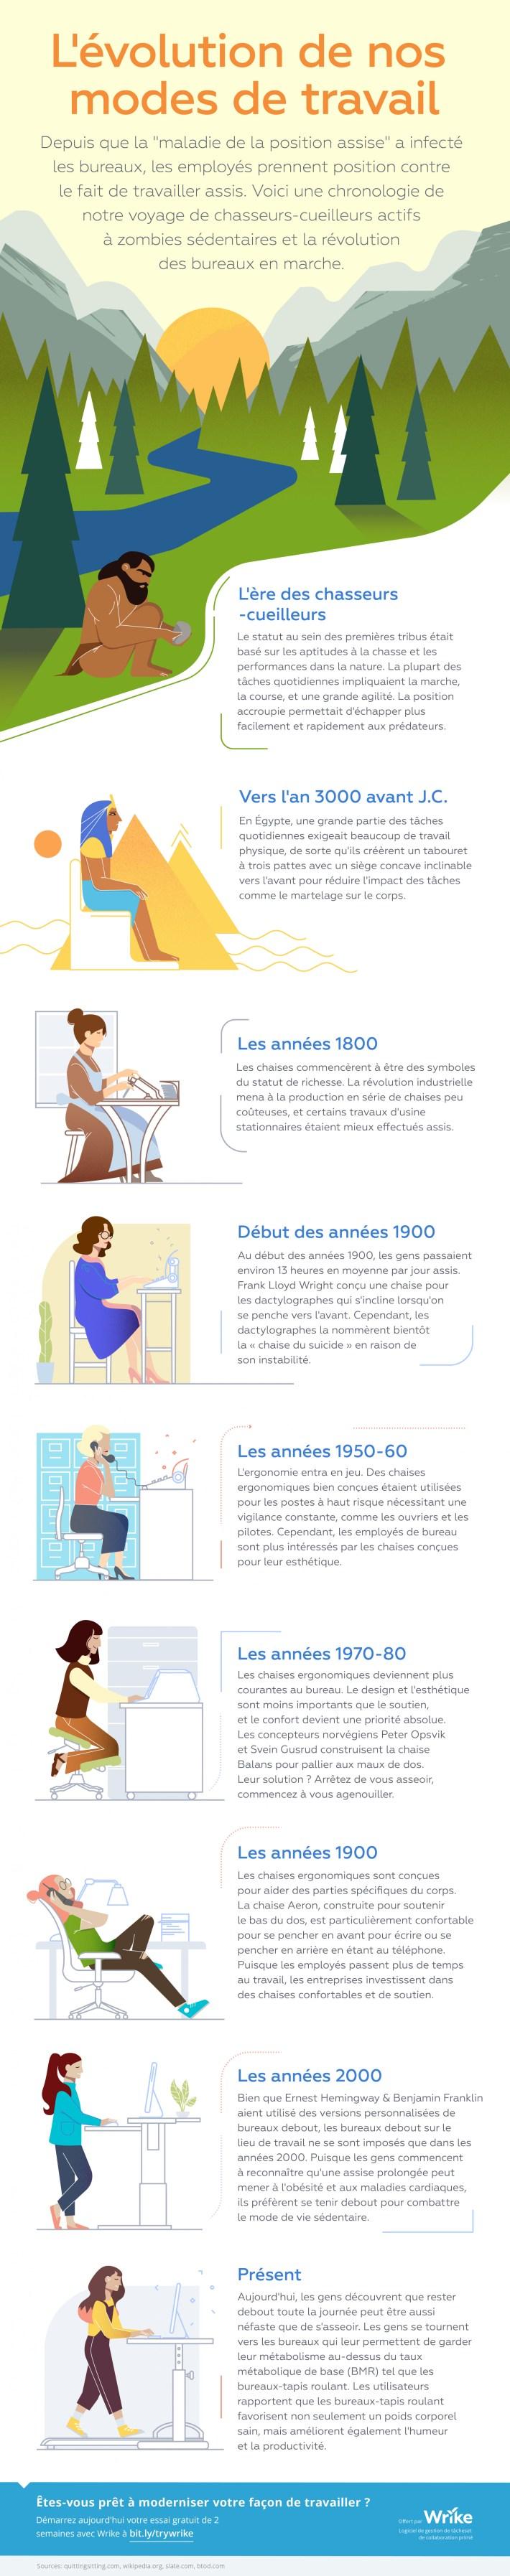 Prendre position : L'évolution de l'employé de bureau